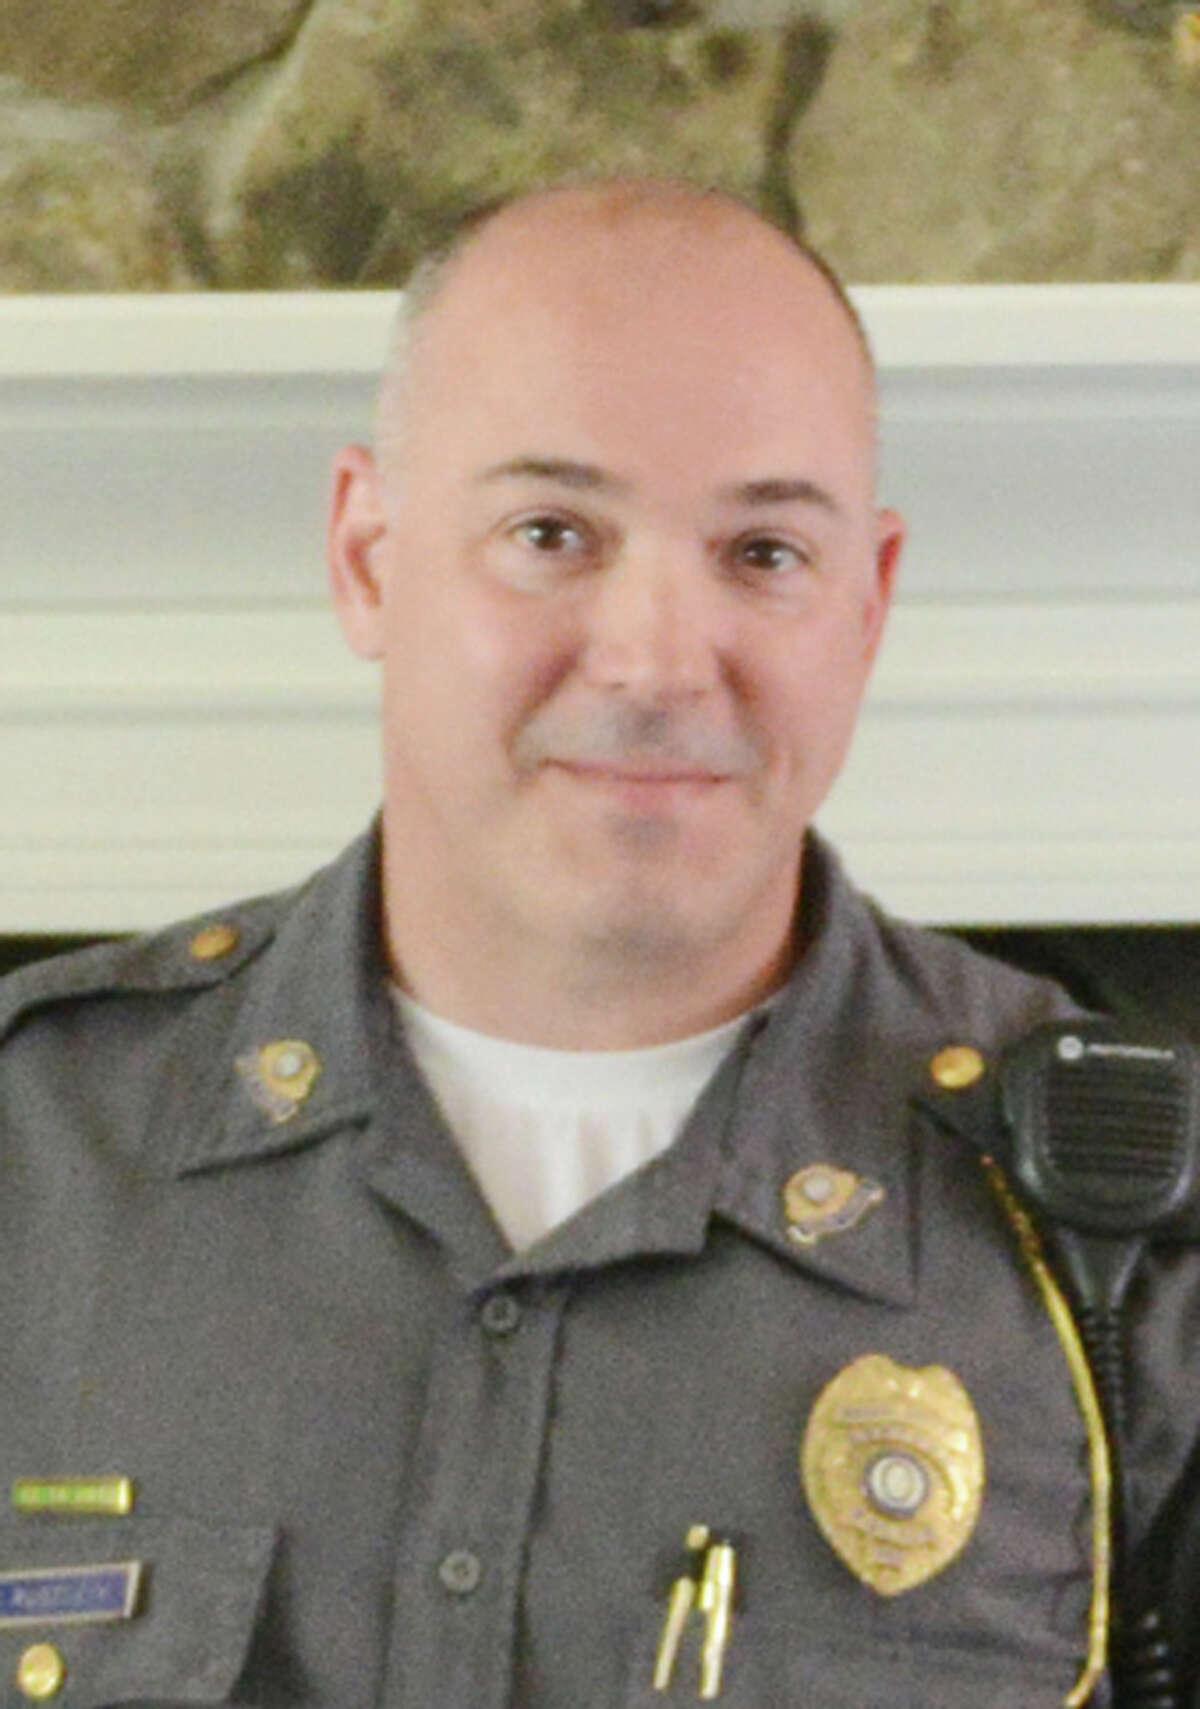 Newtown Police Union President Scott Ruszczyk